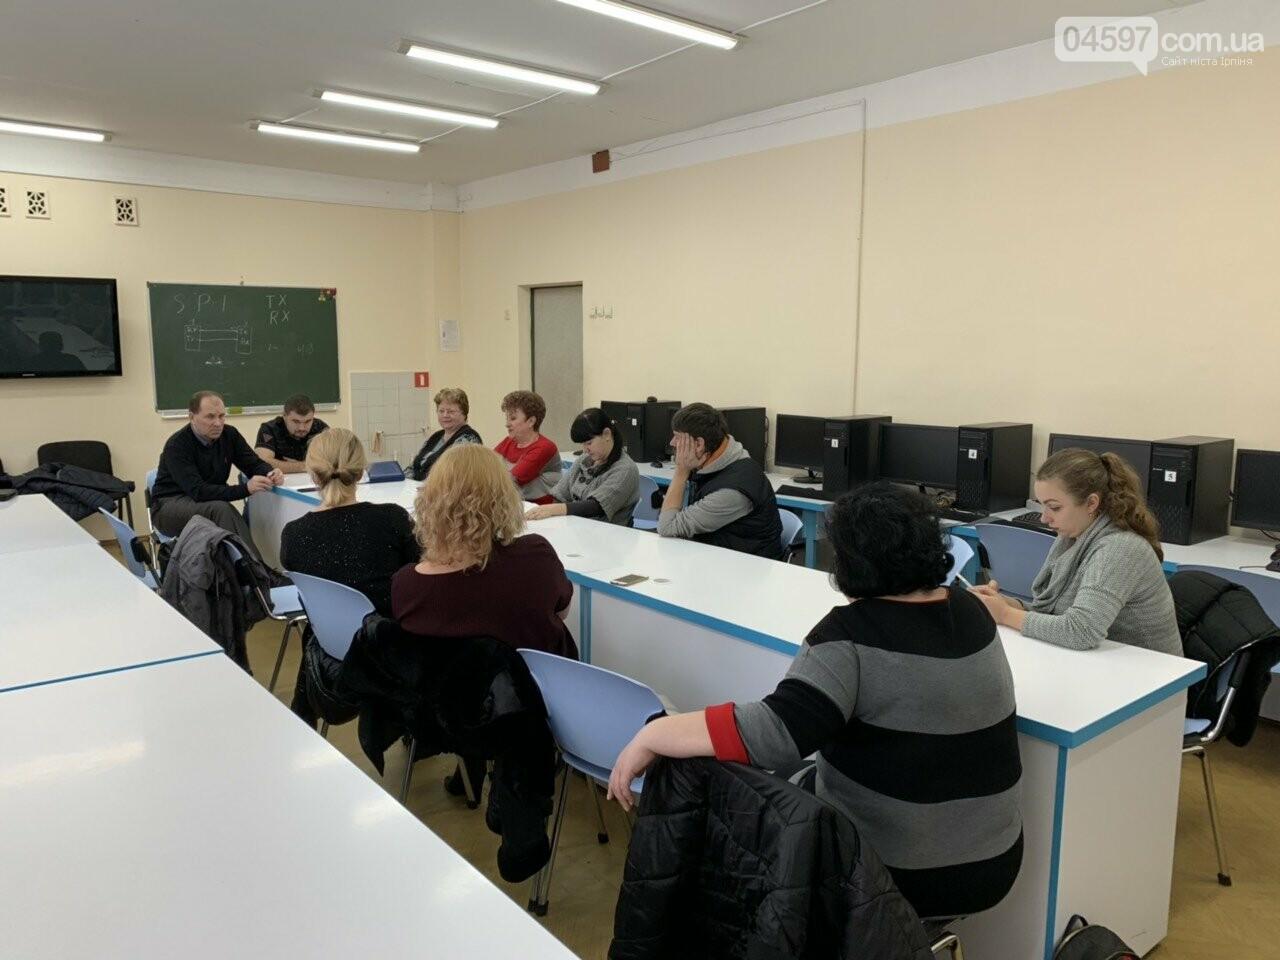 Олена Чернявська: 4 лютого відновиться навчання у ЗОШ №3, фото-1